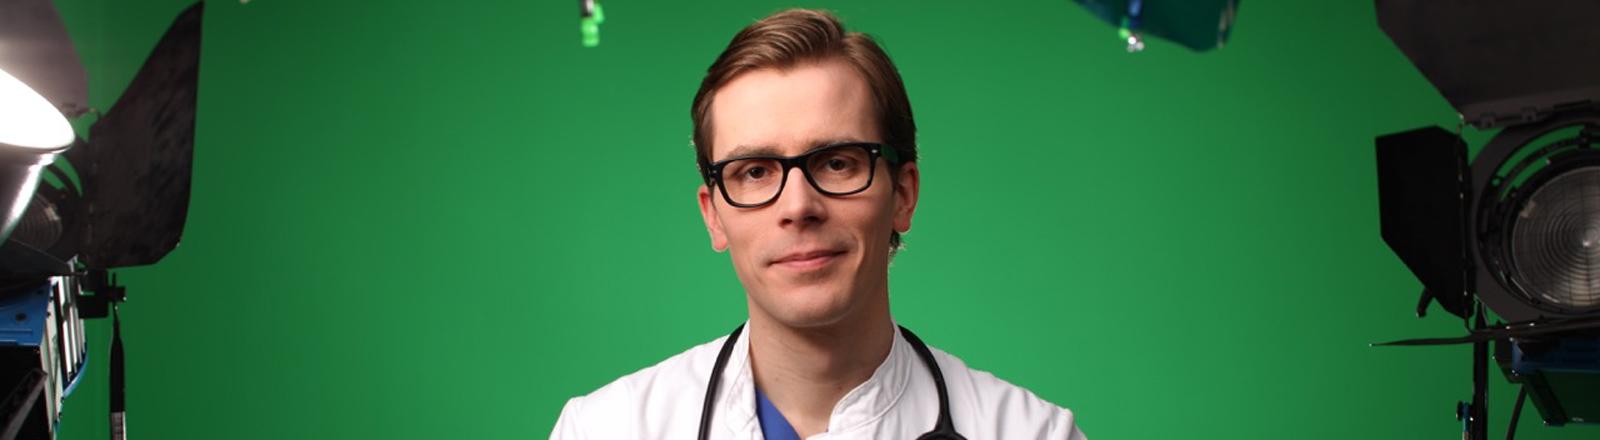 Der Netzdoktor Johannes Wimmer